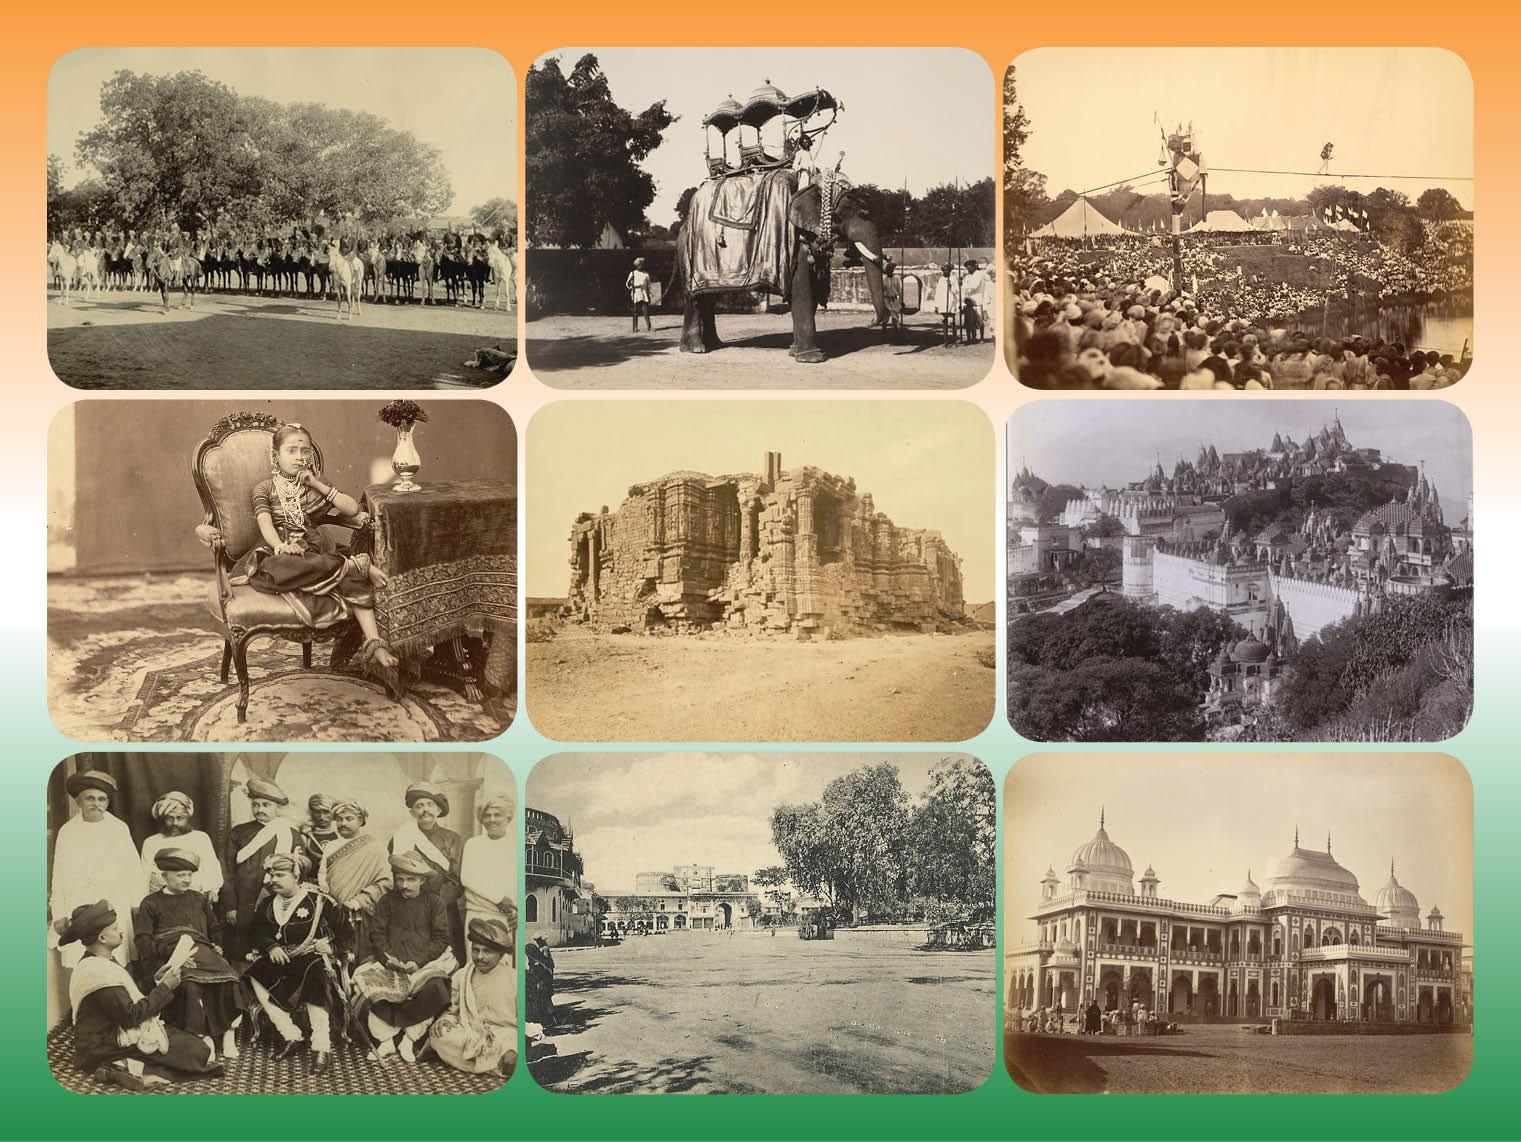 આઝાદી પહેલાં આવું દેખાતું હતું ગુજરાત, સૌરાષ્ટ્રના ગામડાંથી અમદાવાદના બજારના દૂર્લભ દૃશ્યો|ઓરિજિનલ,DvB Original - Divya Bhaskar